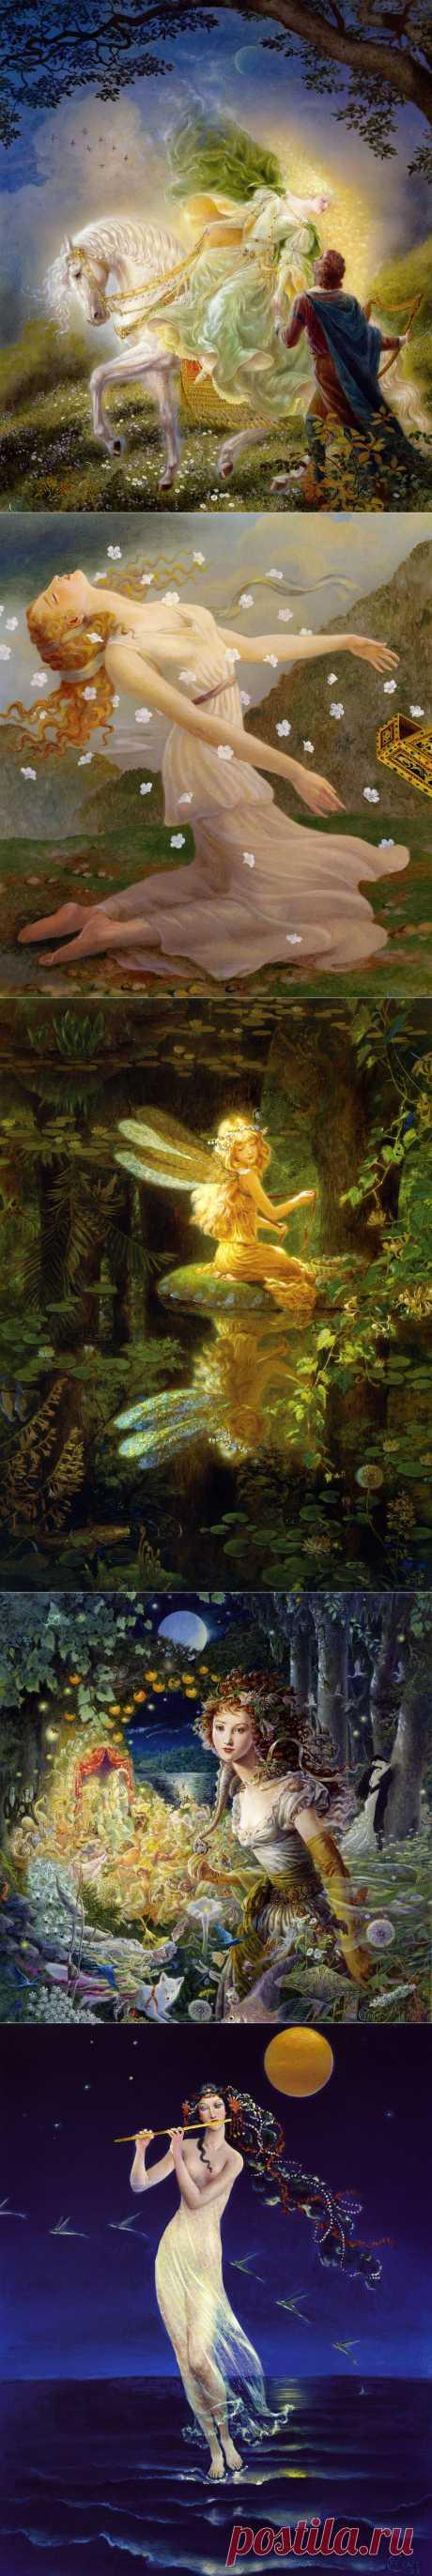 Удивительные иллюстрации Kinuko Craft.Волшебная сказка...